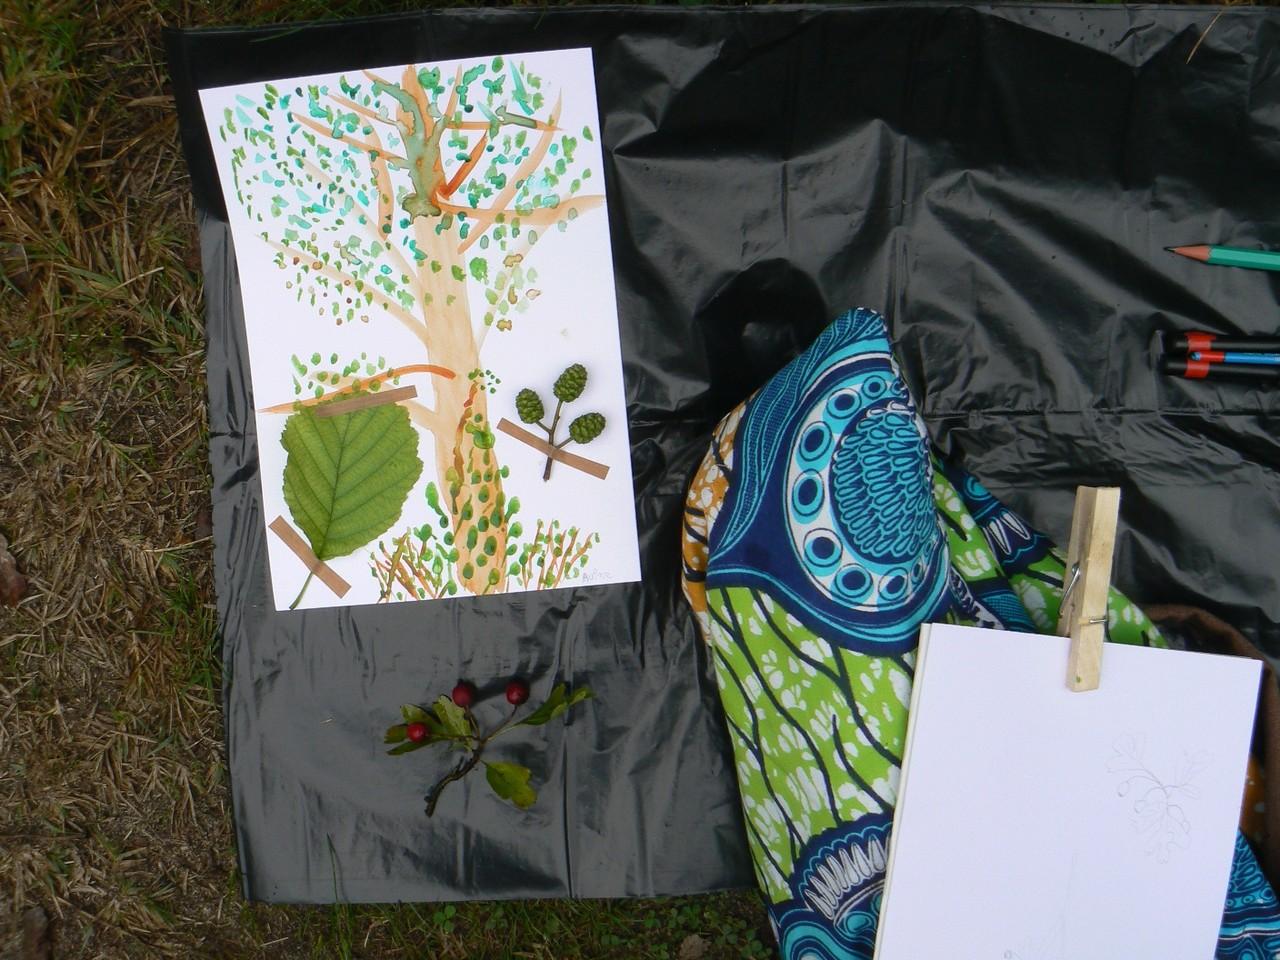 Dessin d'arbre réalisé lors de l'atelier, Lanton